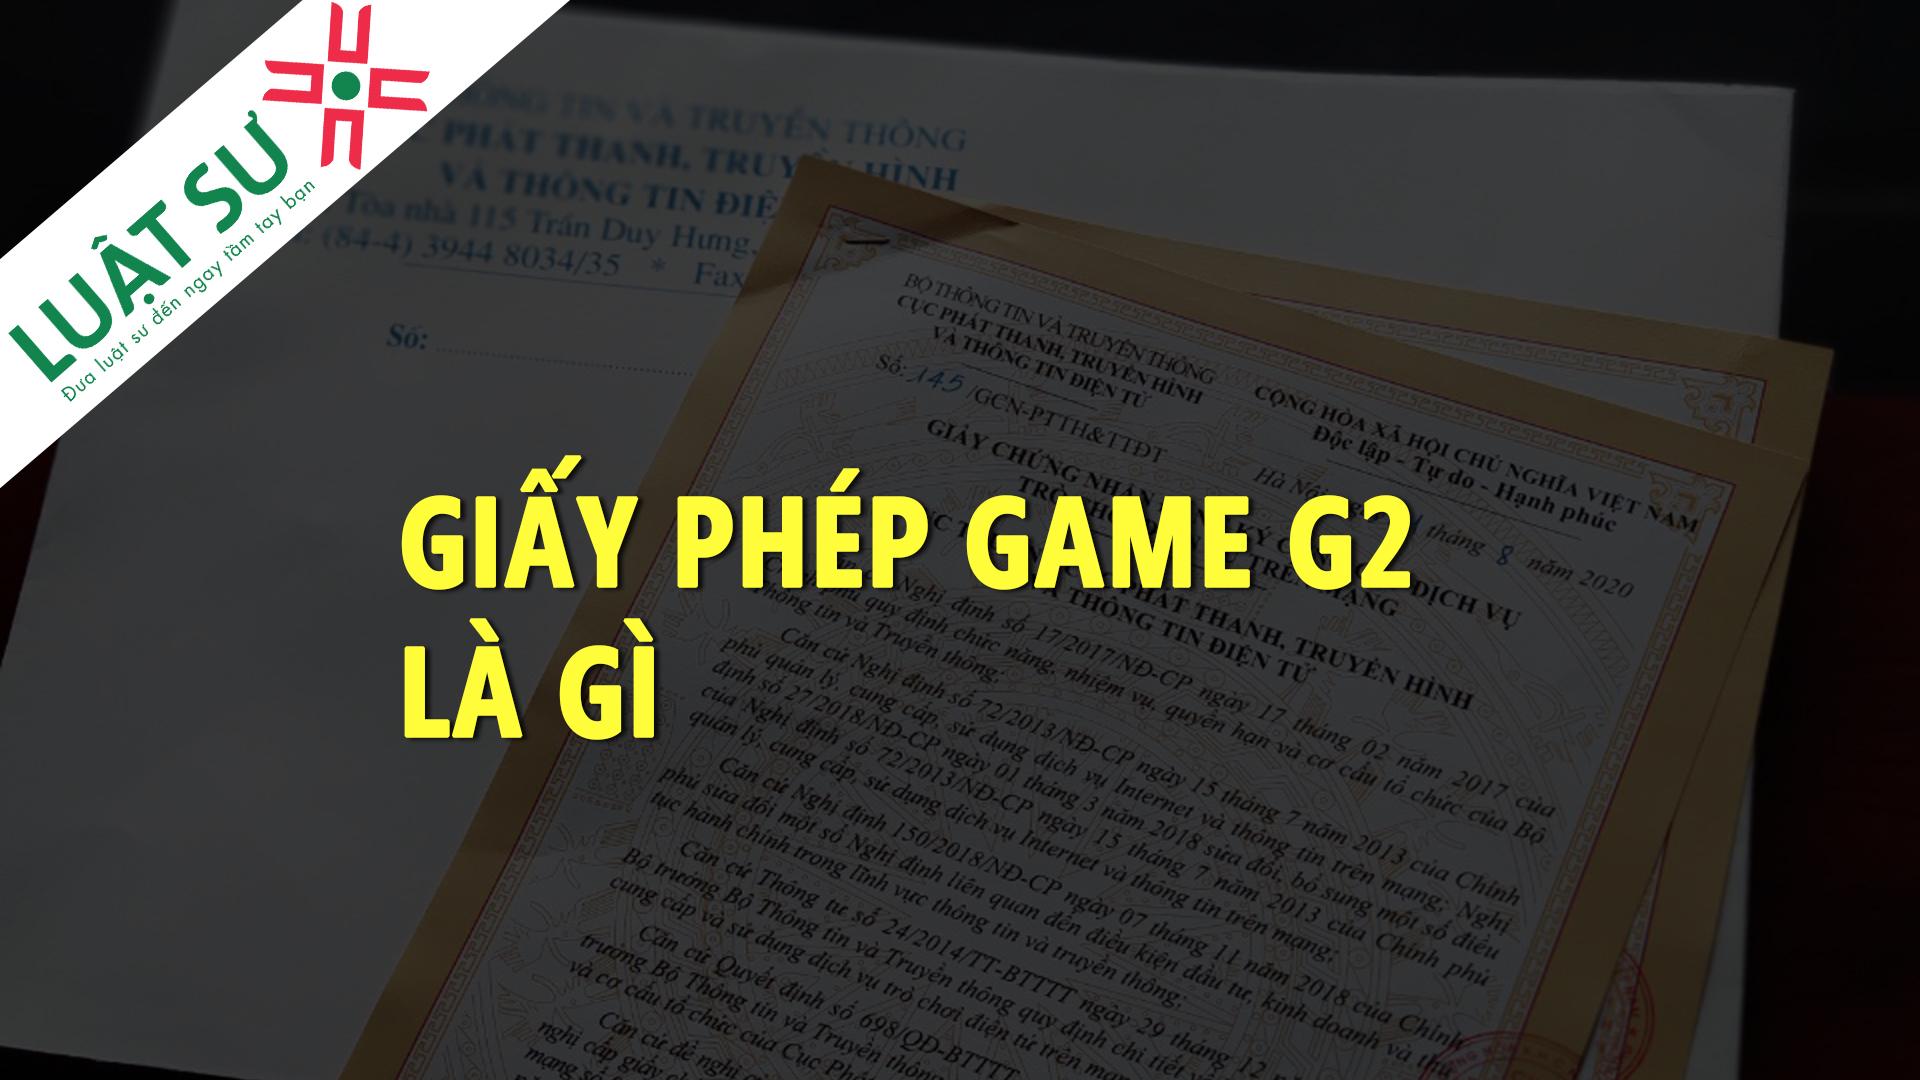 Giấy phép Game G2 là gì?